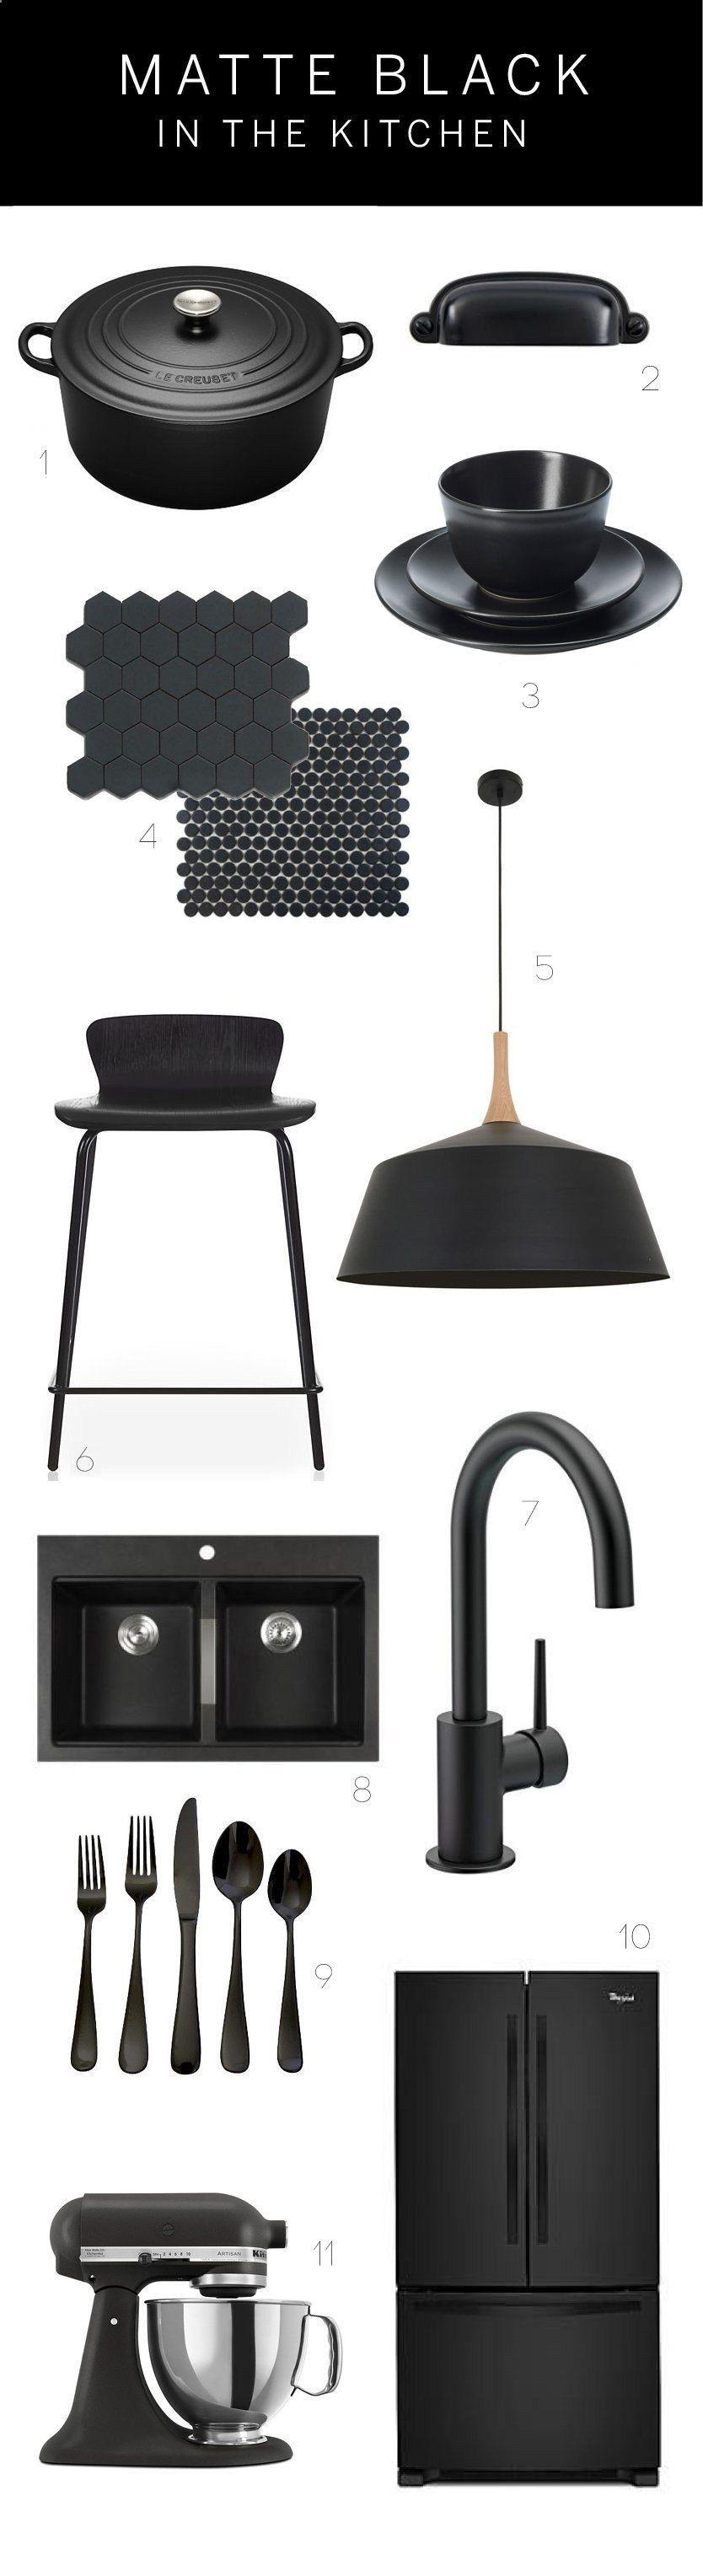 Groß Küchenschranktüren Ebay Uk Galerie - Ideen Für Die Küche ...